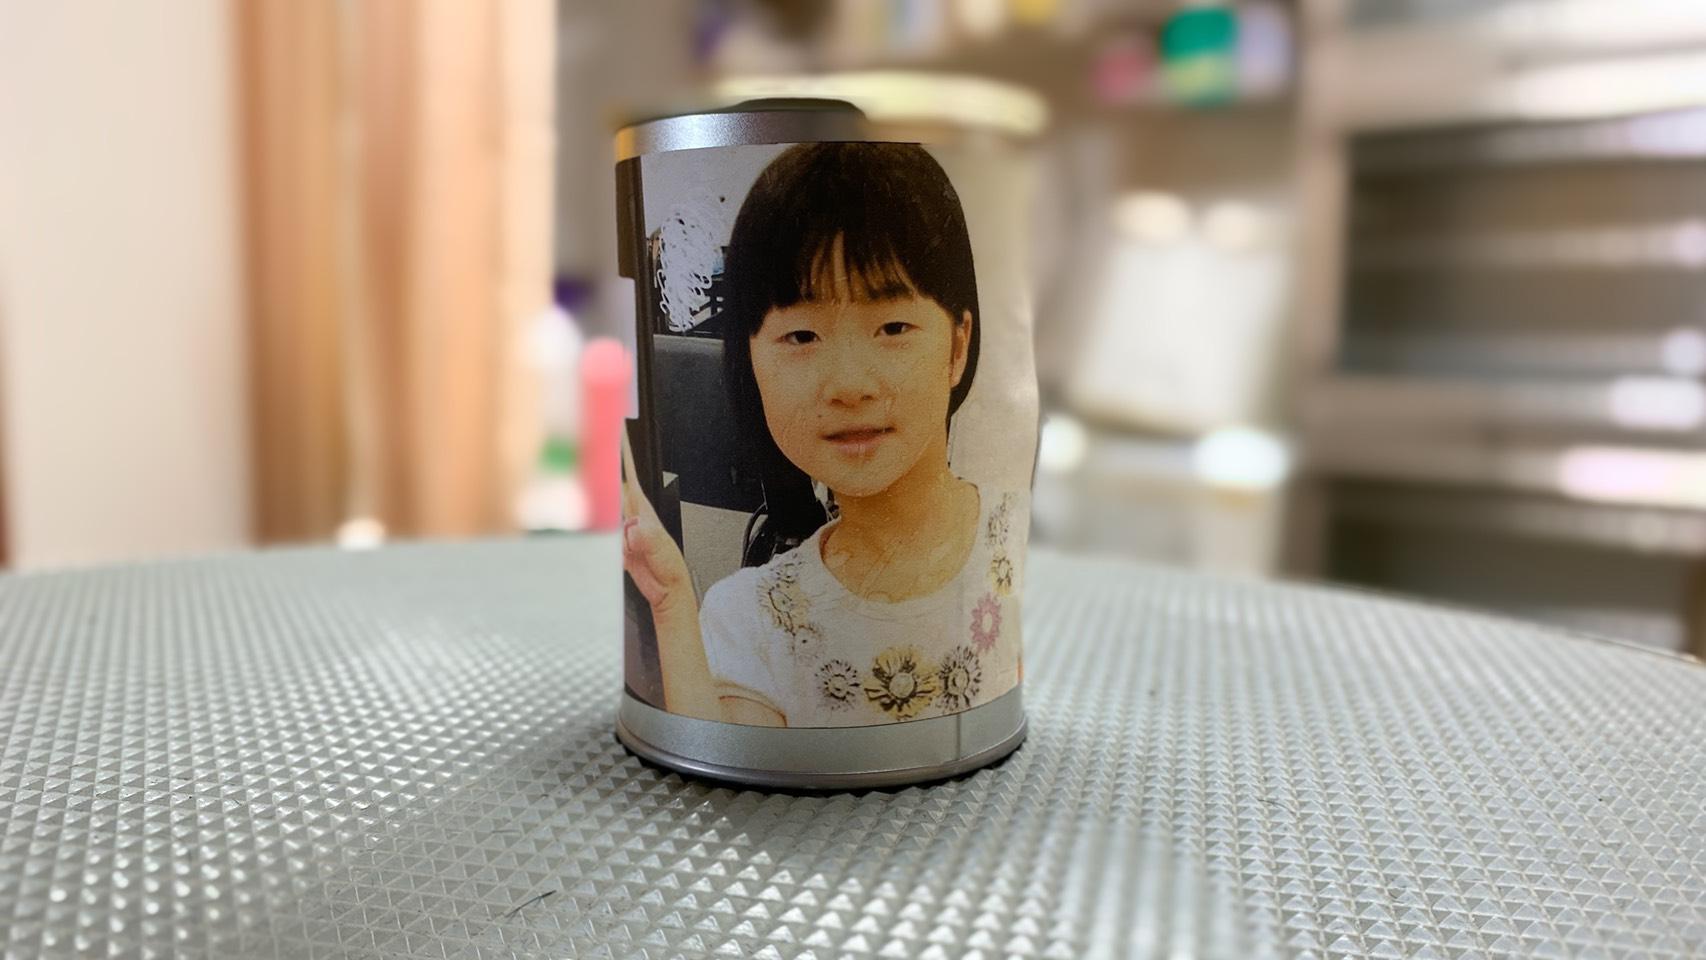 仲間 キャンプ 小倉 美咲